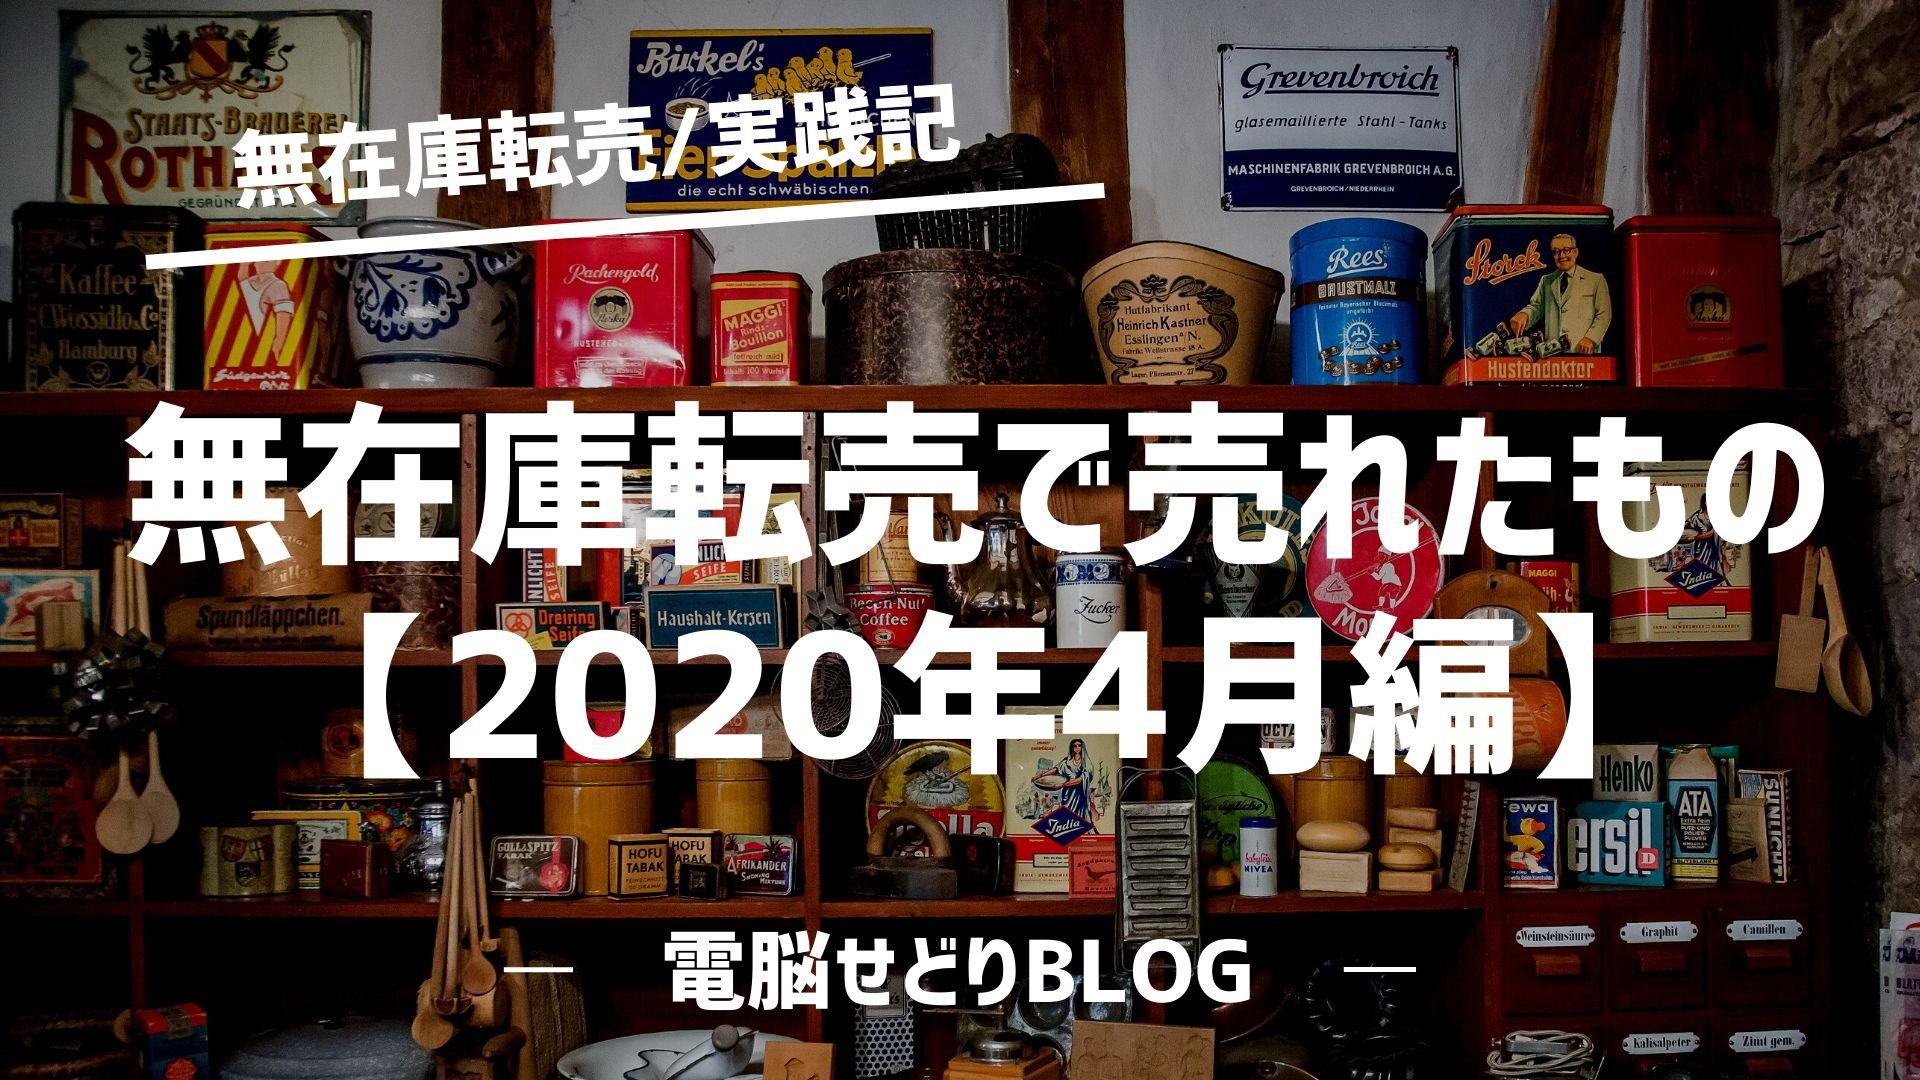 無在庫転売で良く売れるおススメのジャンルって何?/2020年4月に売れた『商品30選』を紹介します!